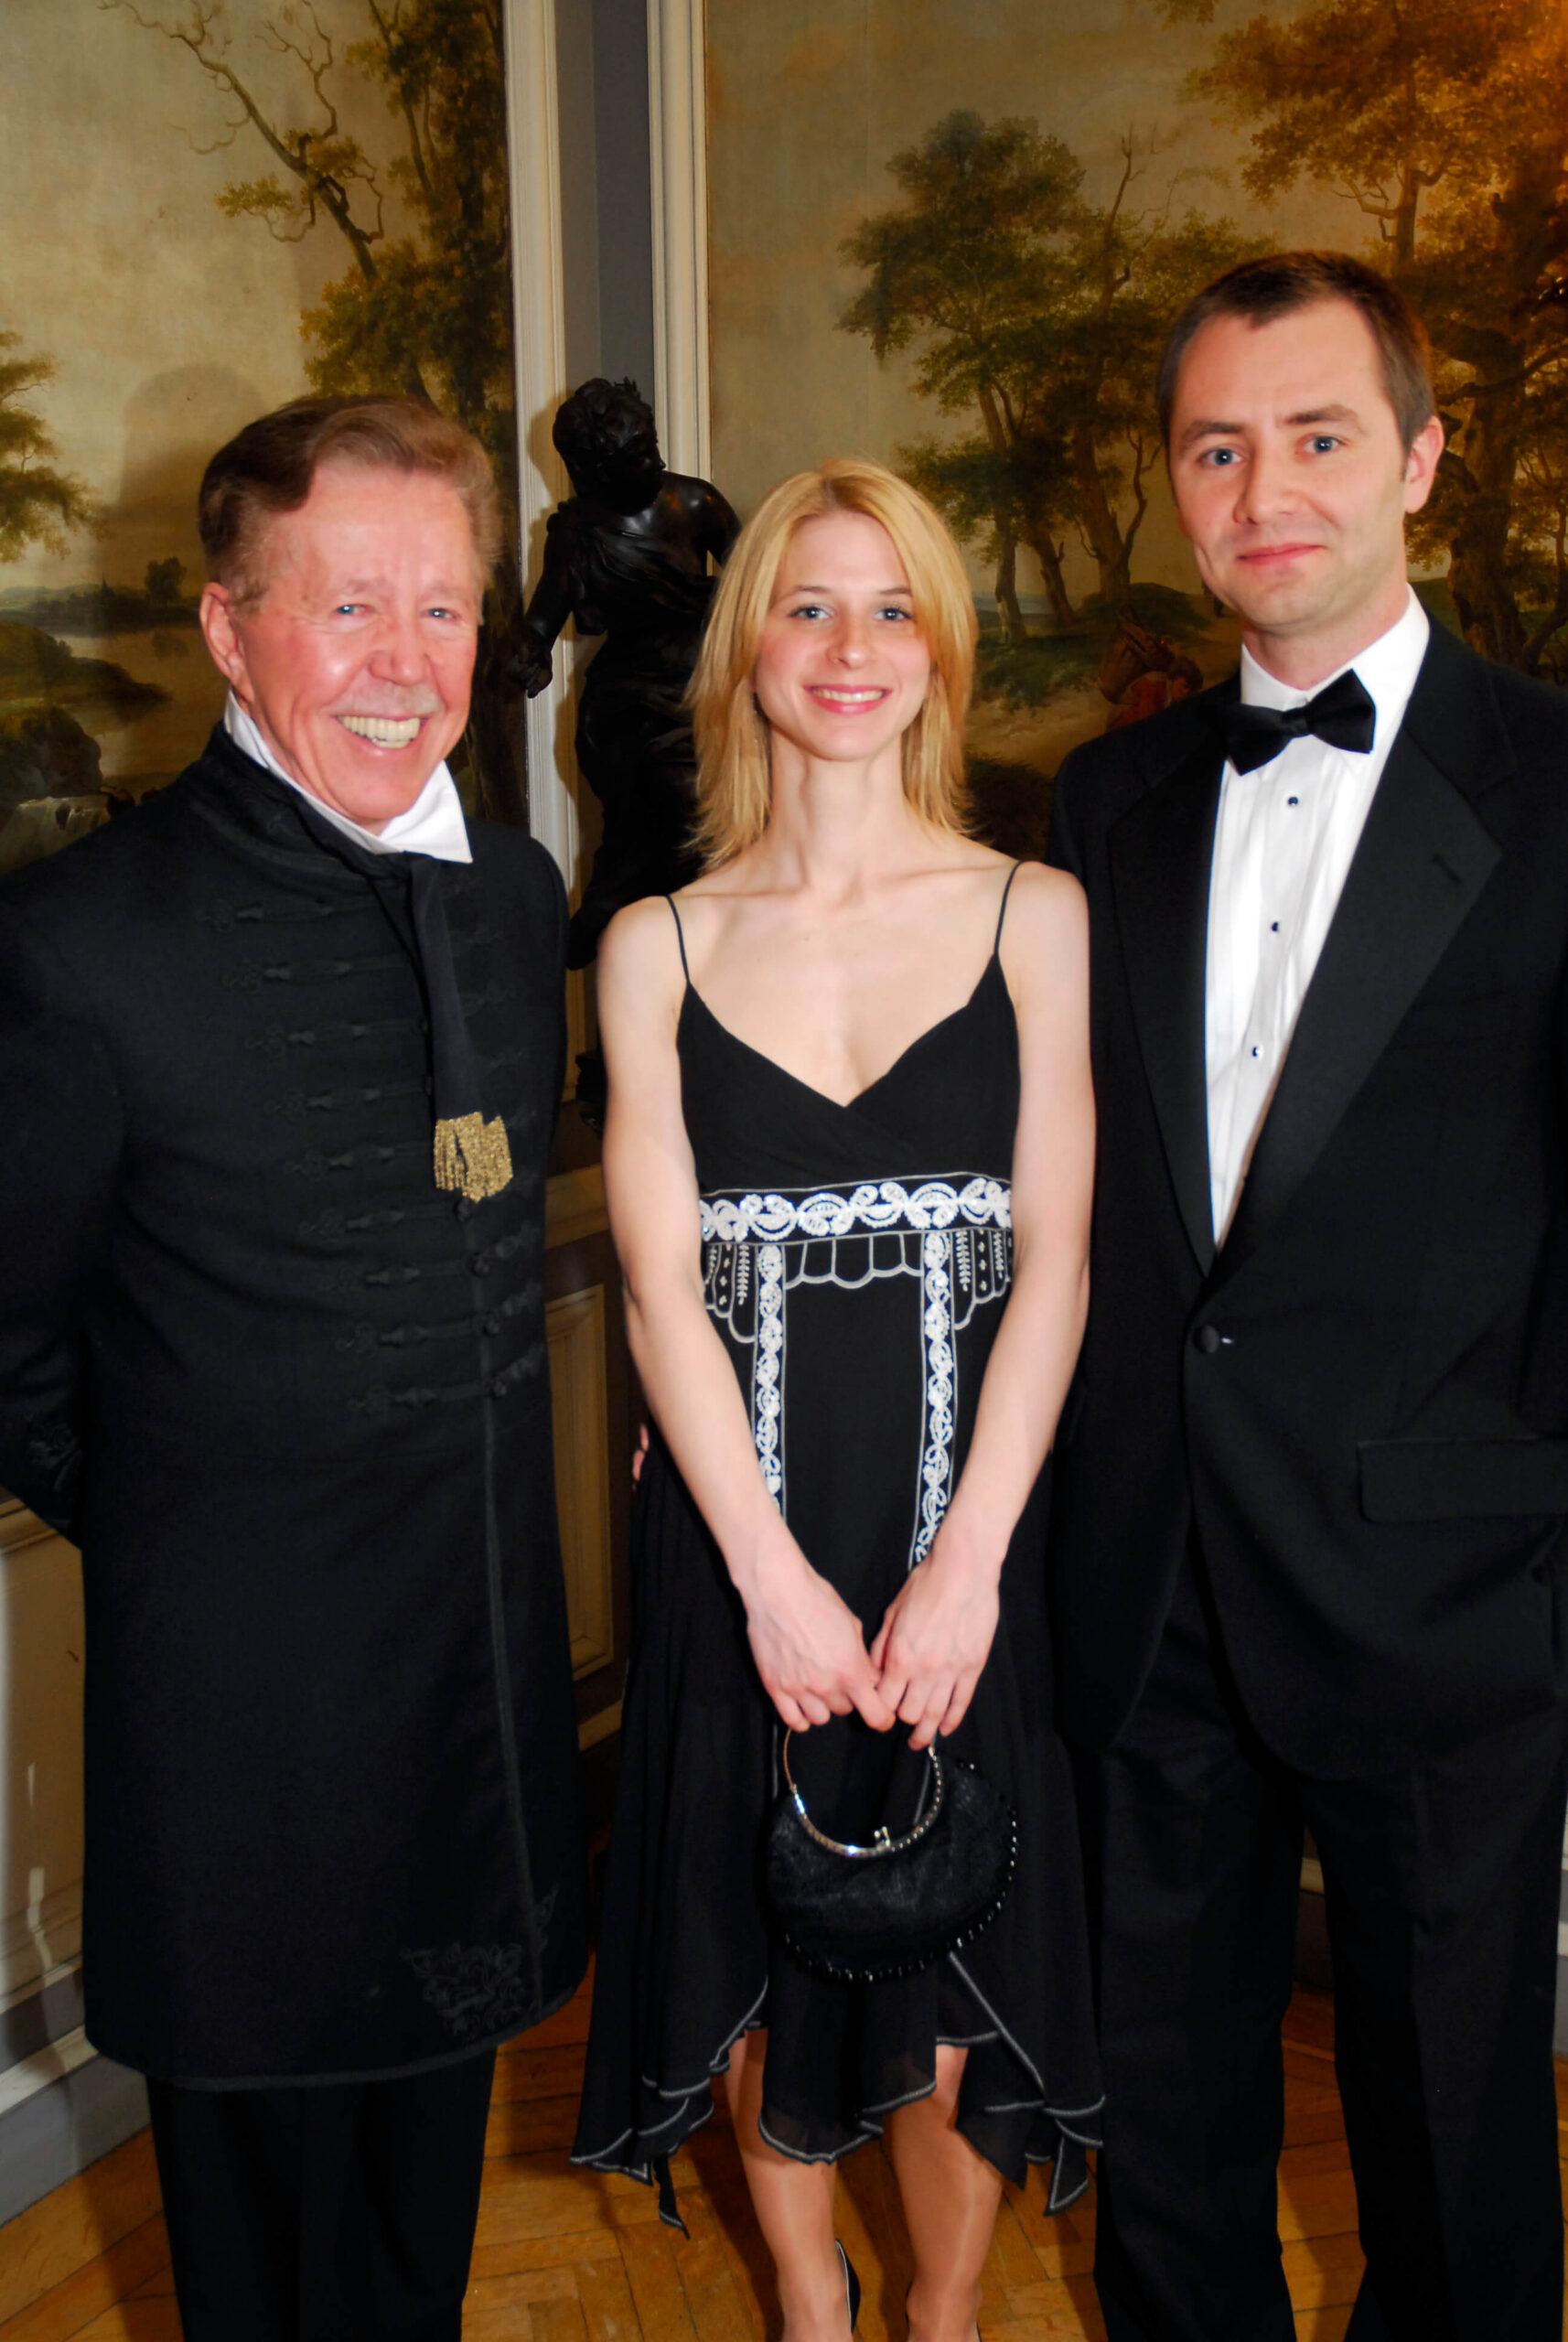 Mr. Leslie Megyeri, Dr. Mónika Varga, Mr. Béla Gedeon